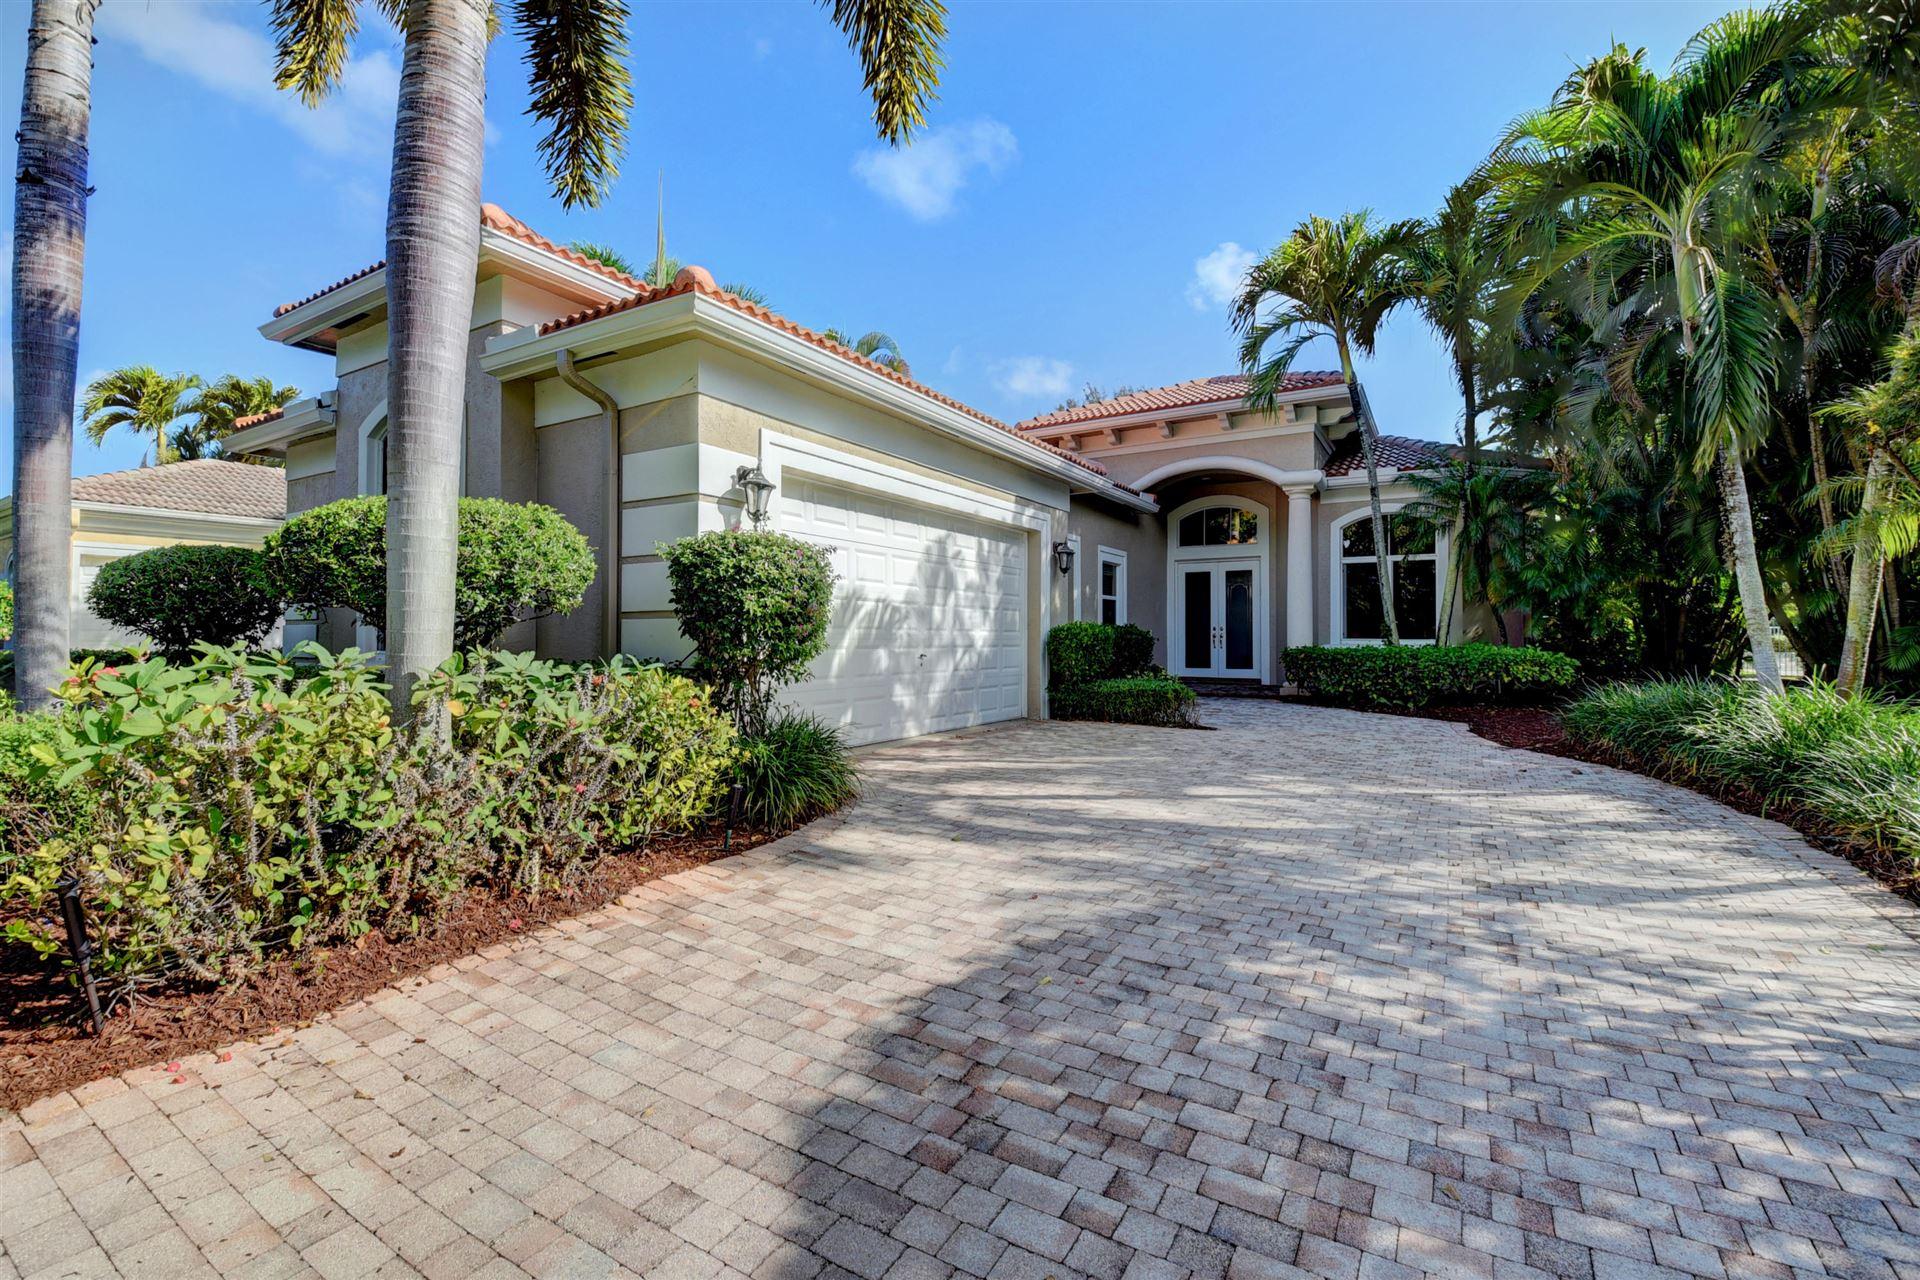 7904 Villa D Este Way, Delray Beach, FL 33446 - #: RX-10584142